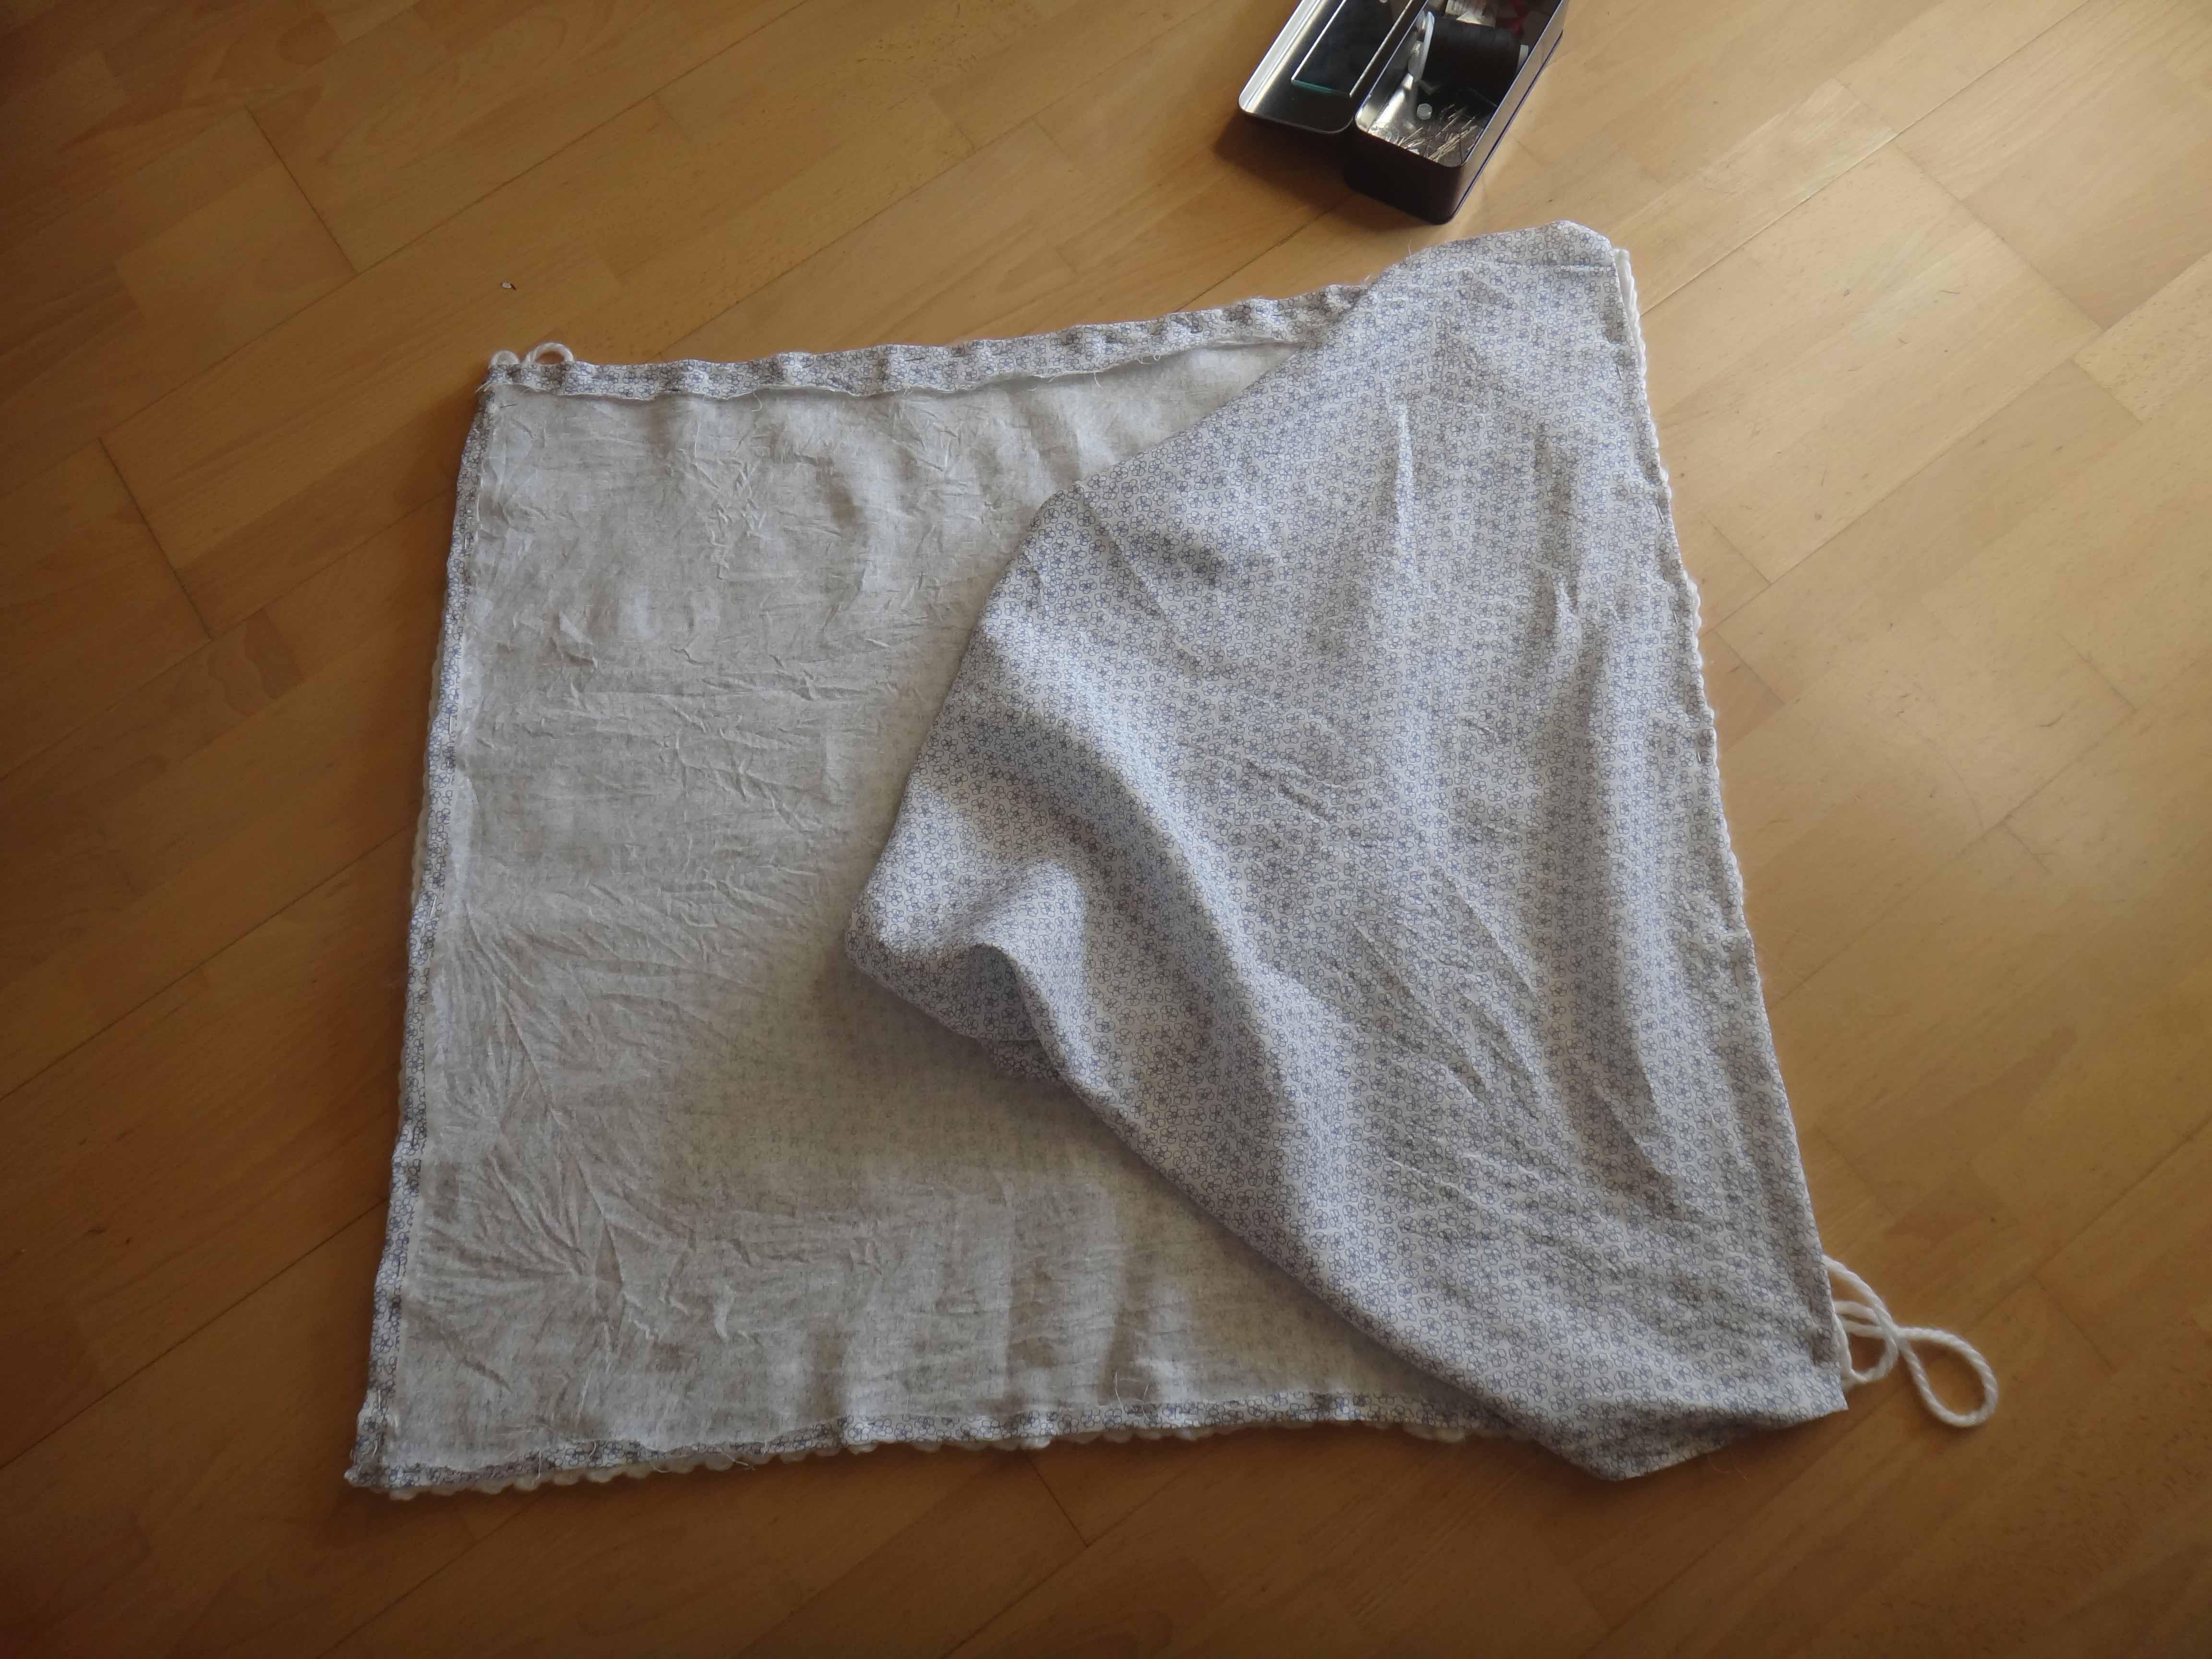 Tuto : La couverture en laine, travail d'equipe, mère/fille !  Tuto : La couverture en laine, travail d'equipe, mère/fille !